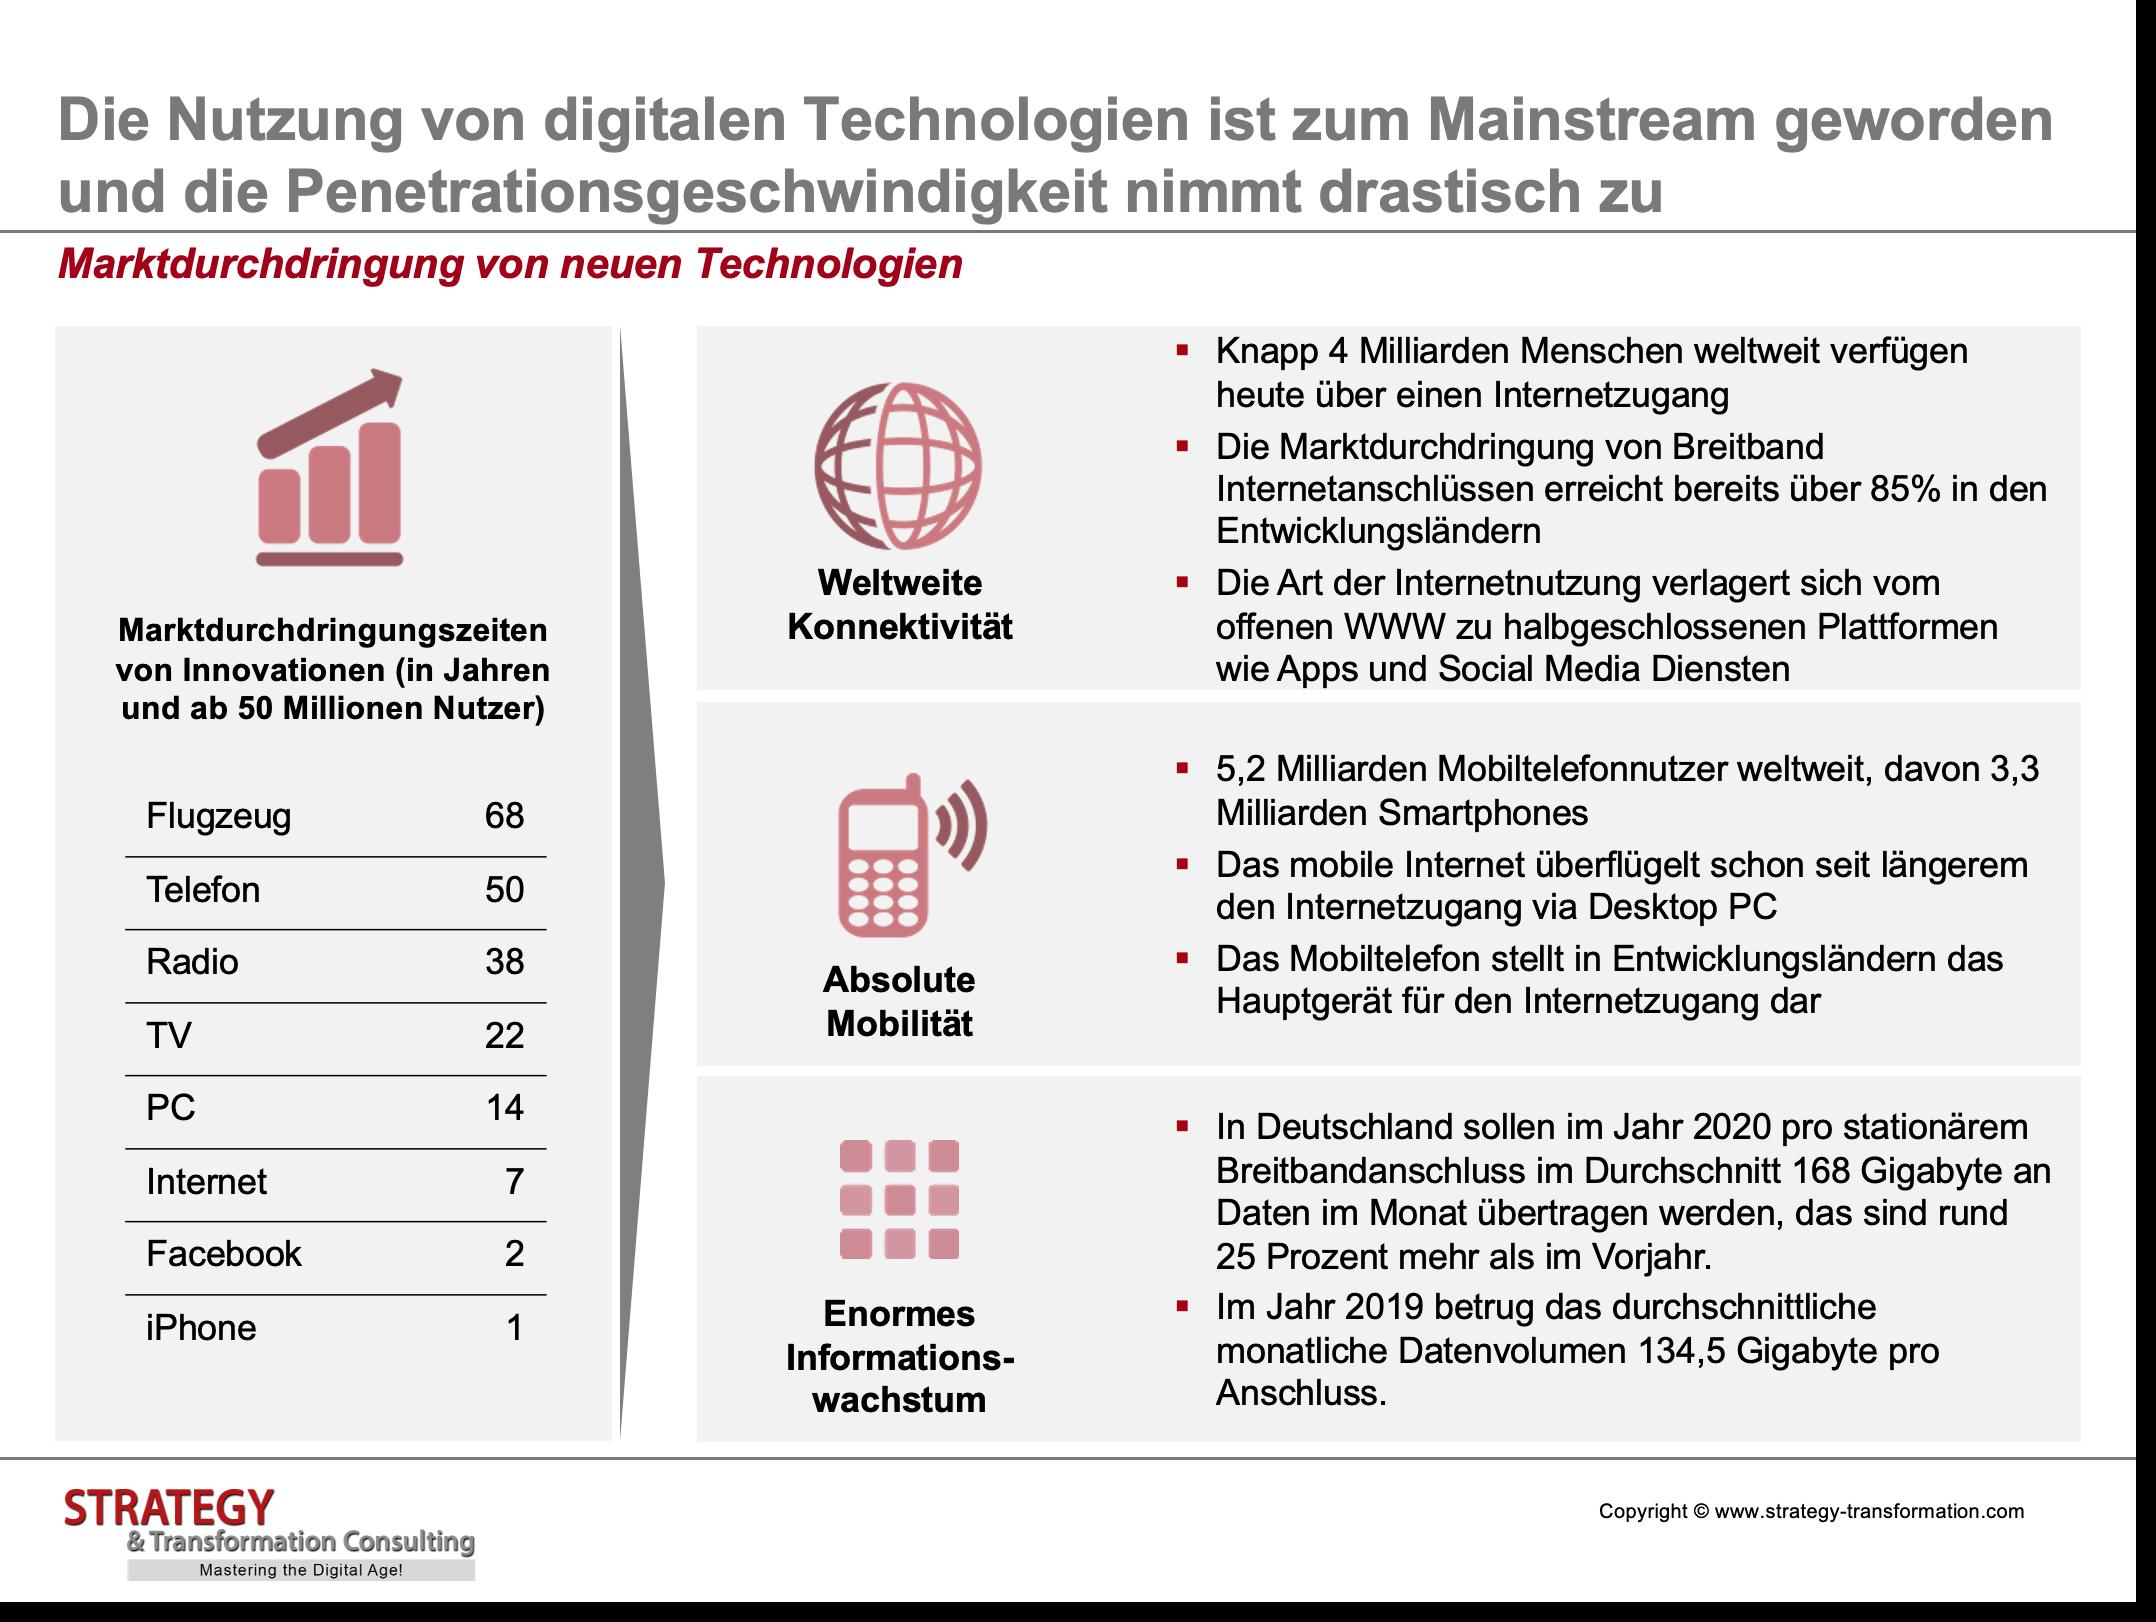 Customer Experience Management_Marktdurchdringung von neuen Technologien